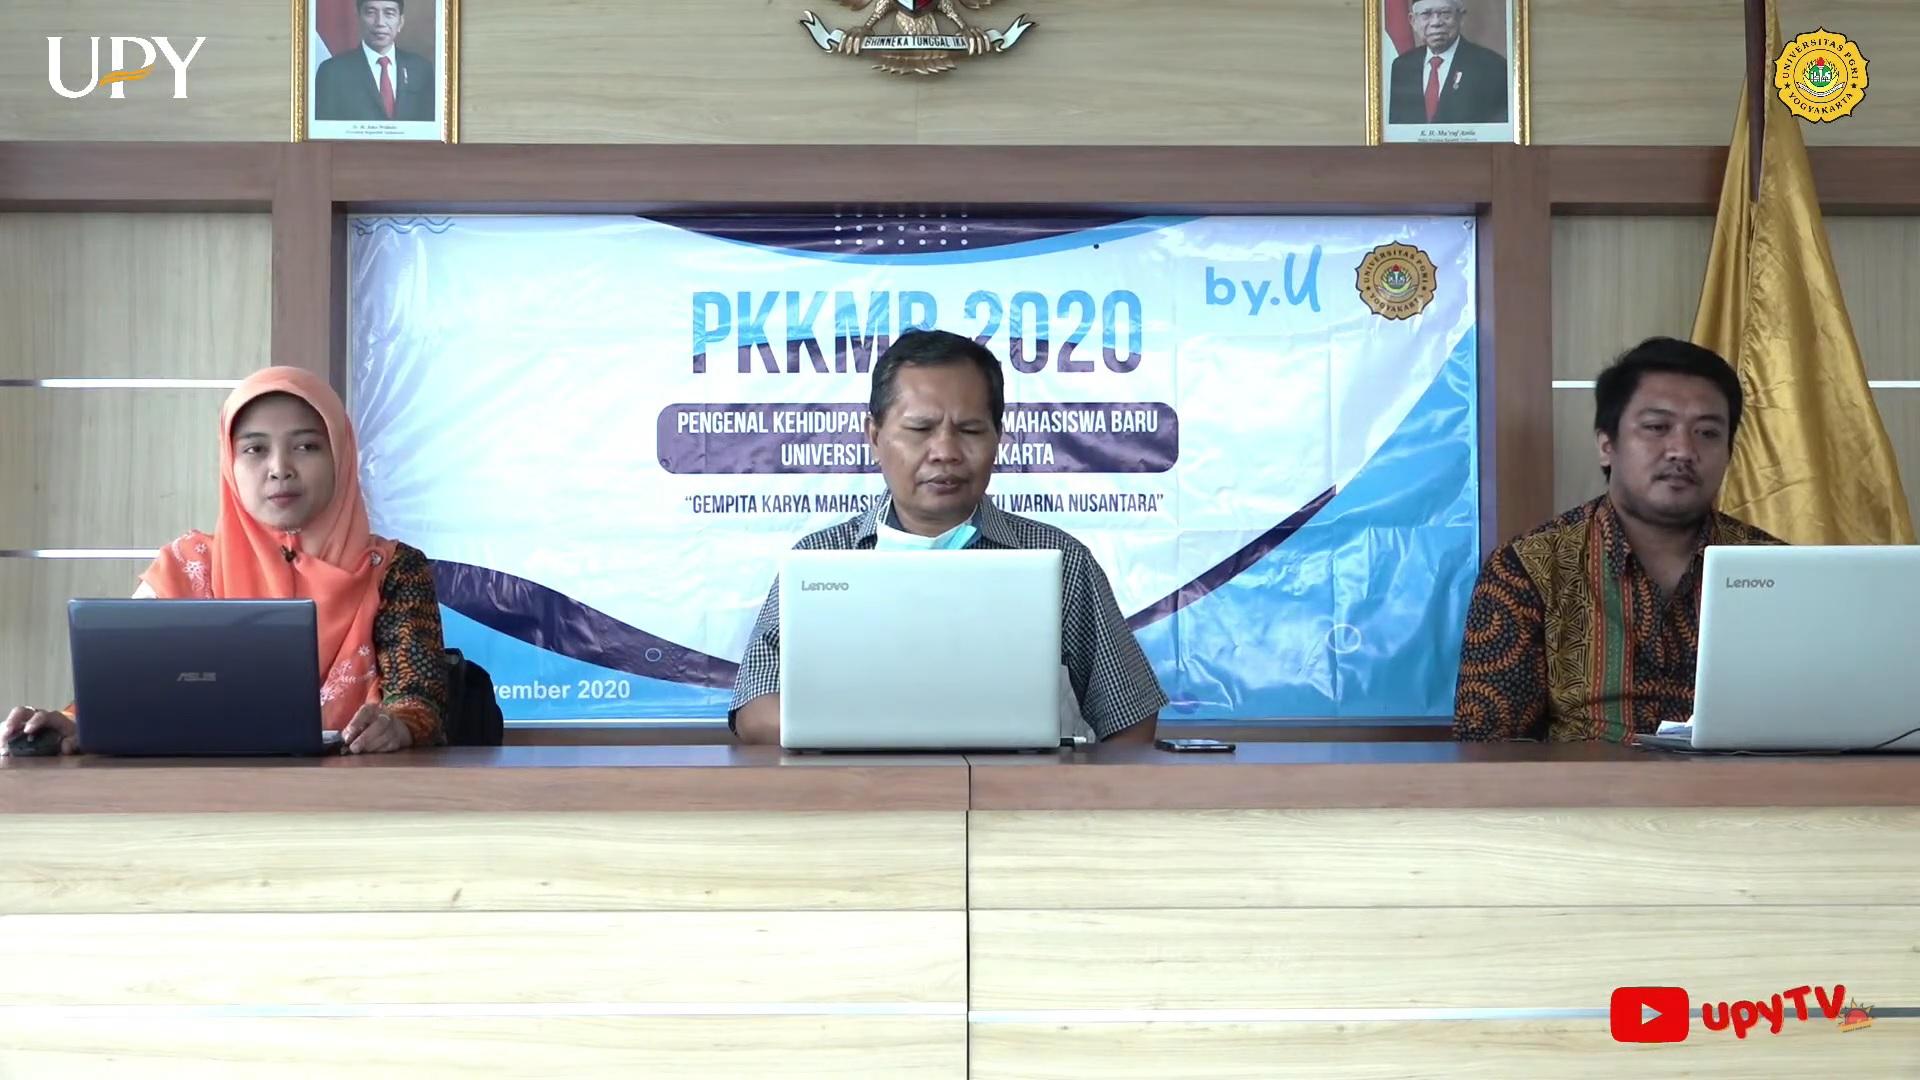 Sambut Mahasiswa Baru, UPY Gelar PKKMB Secara Daring